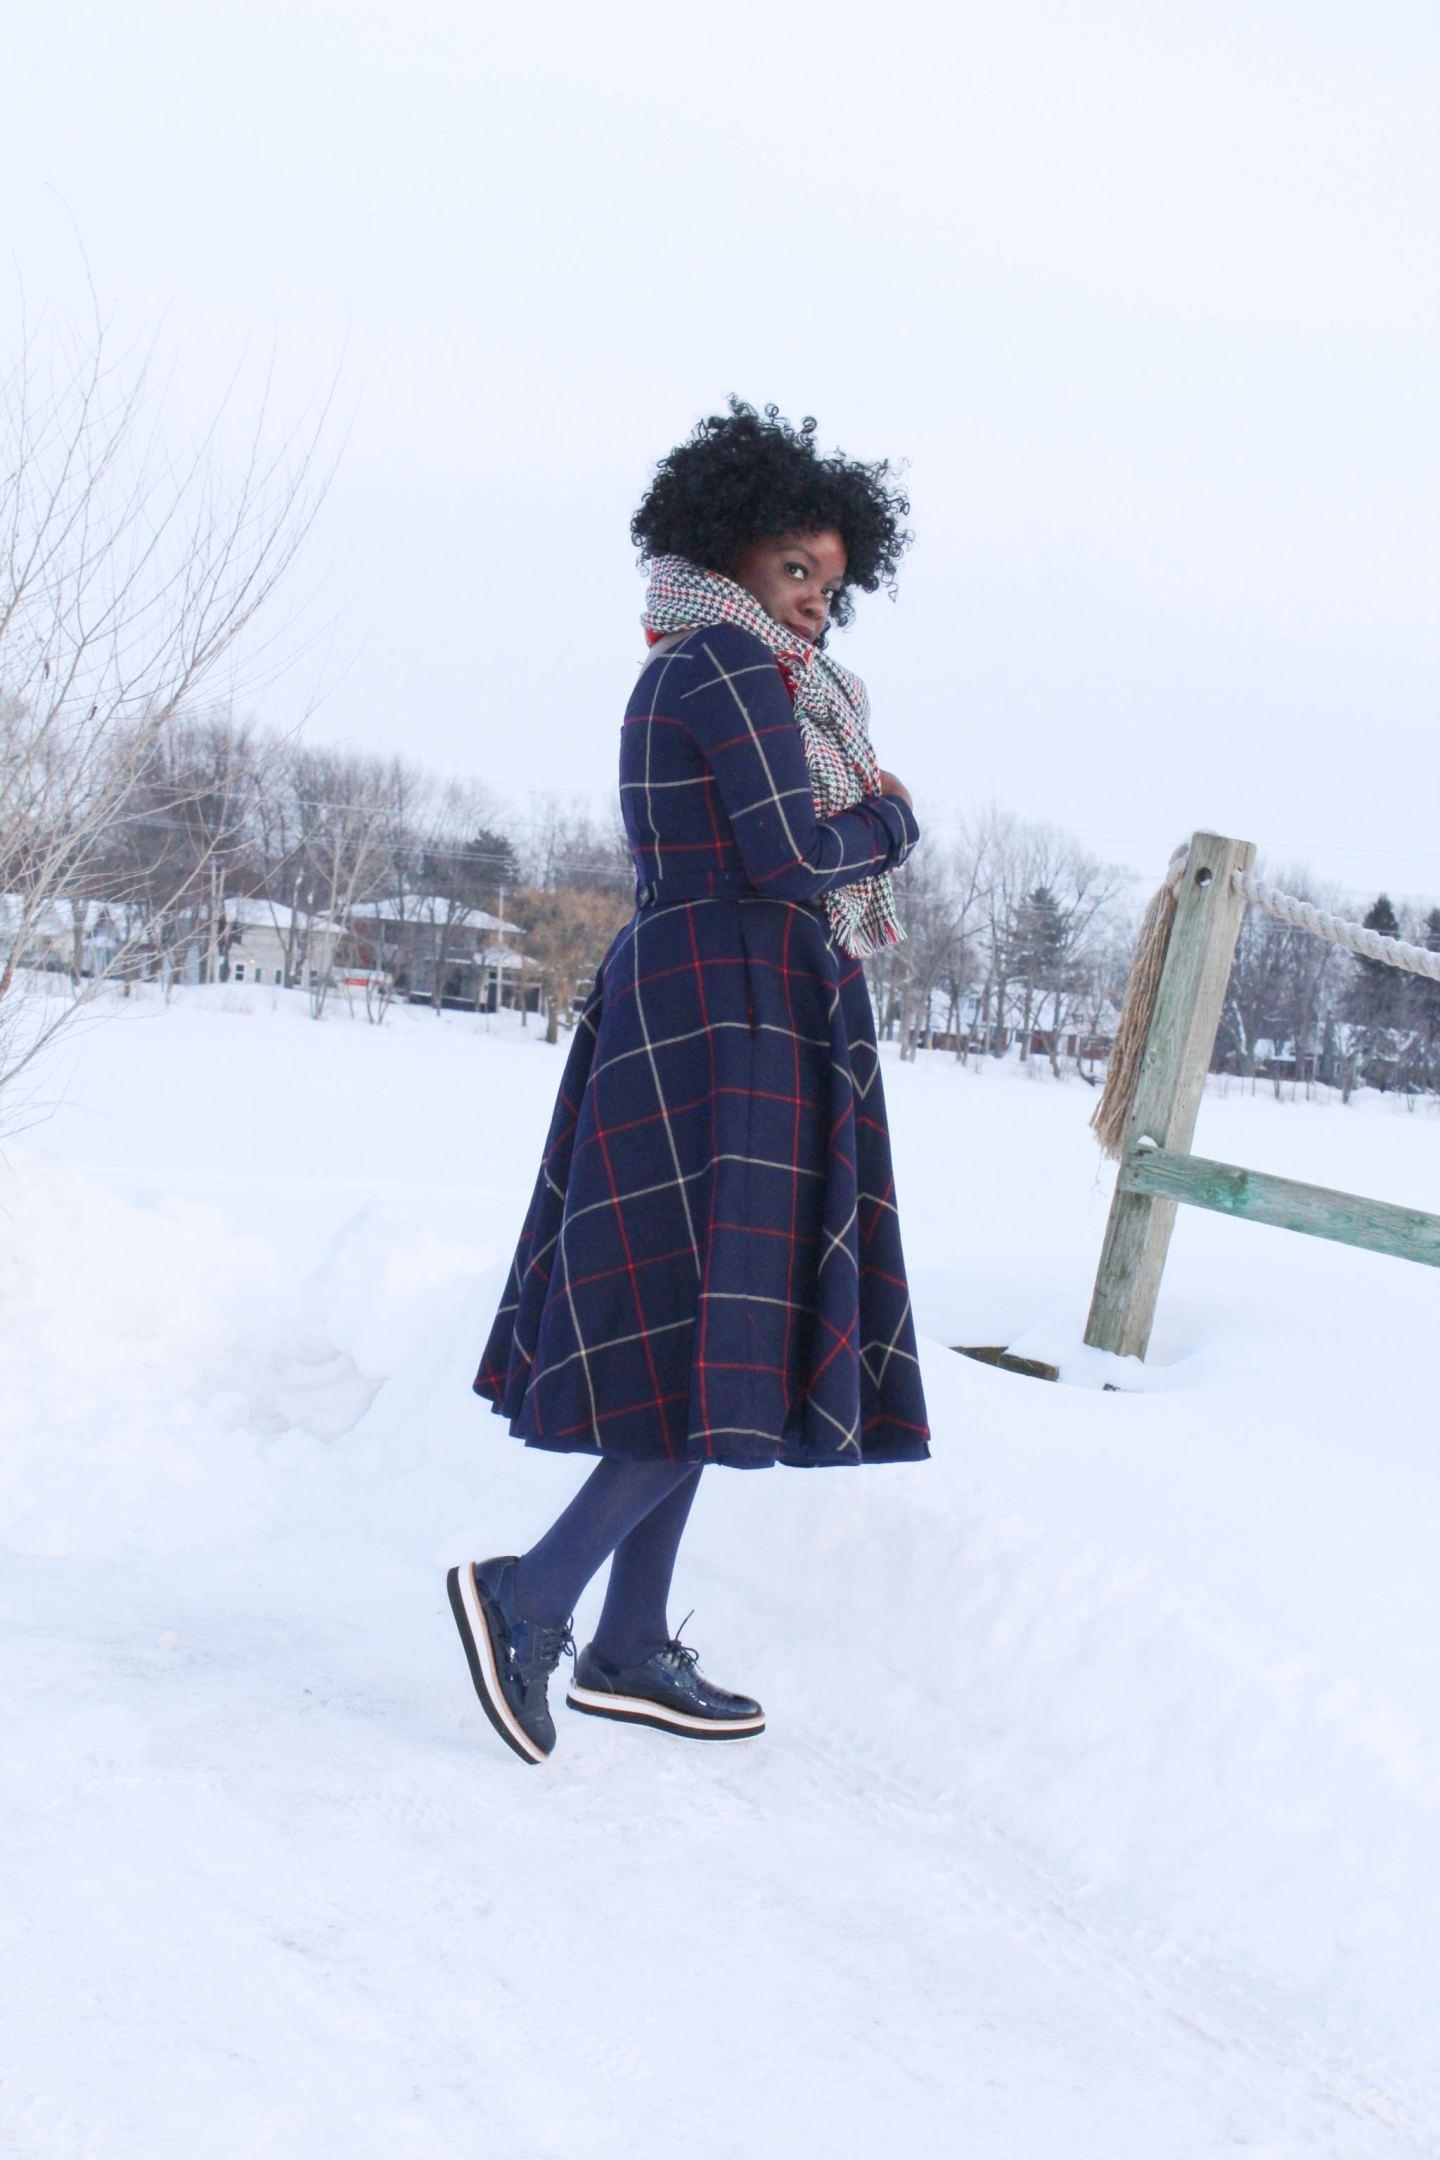 Blue tweed dress by a frozen lake